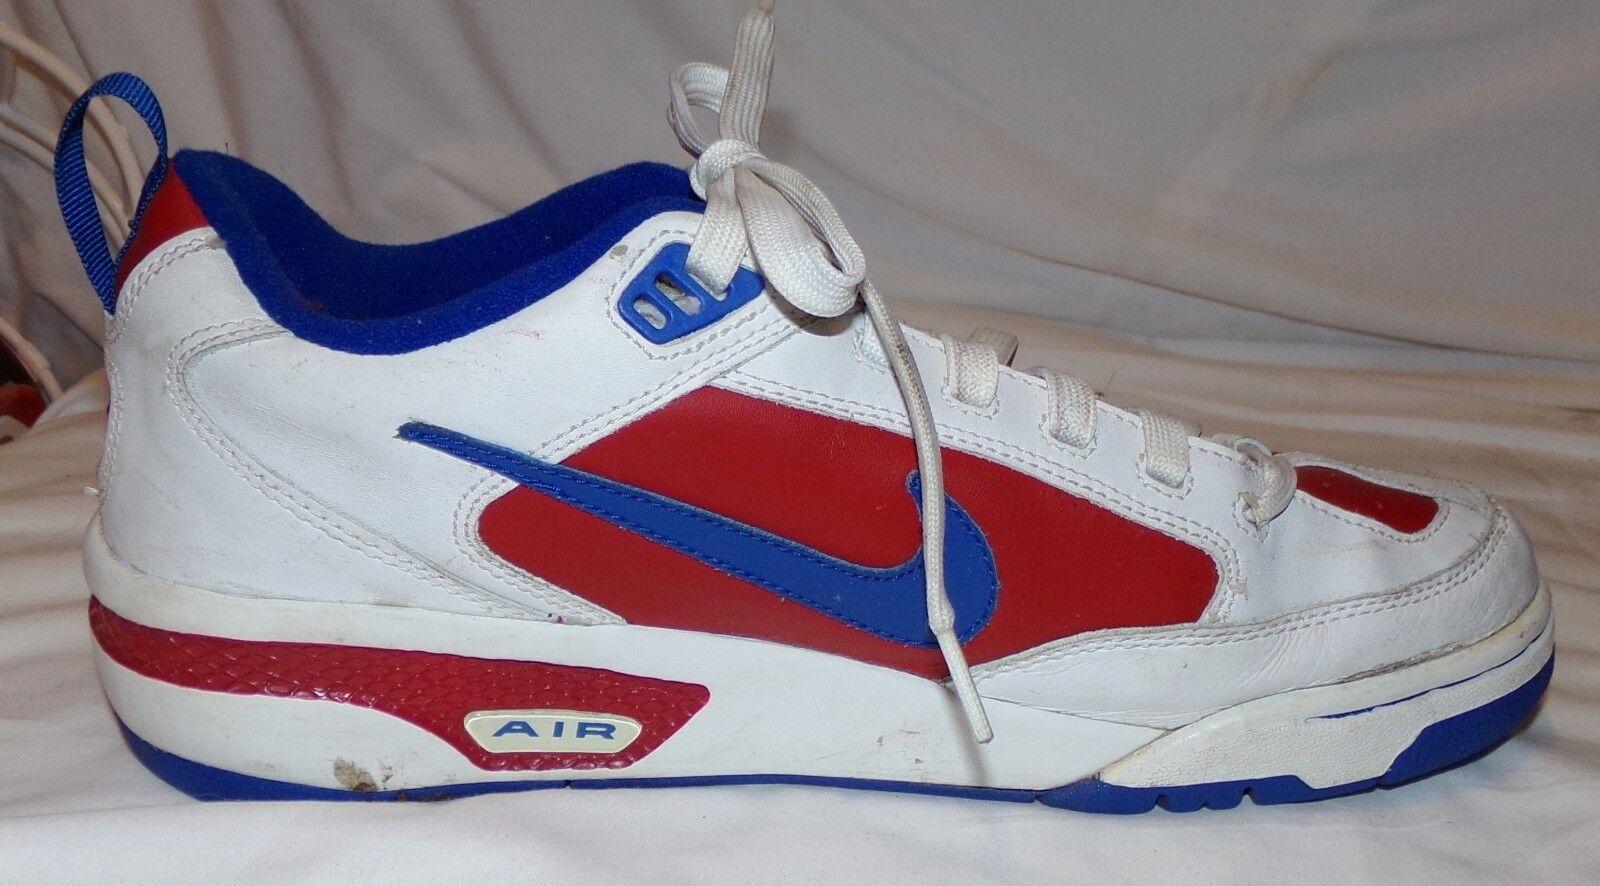 Nike Zapatillas zapatillas zapatos zapatos zapatos atléticos 11 Air Para Hombre Rojo blancooo Azul Patriótico d8e02c